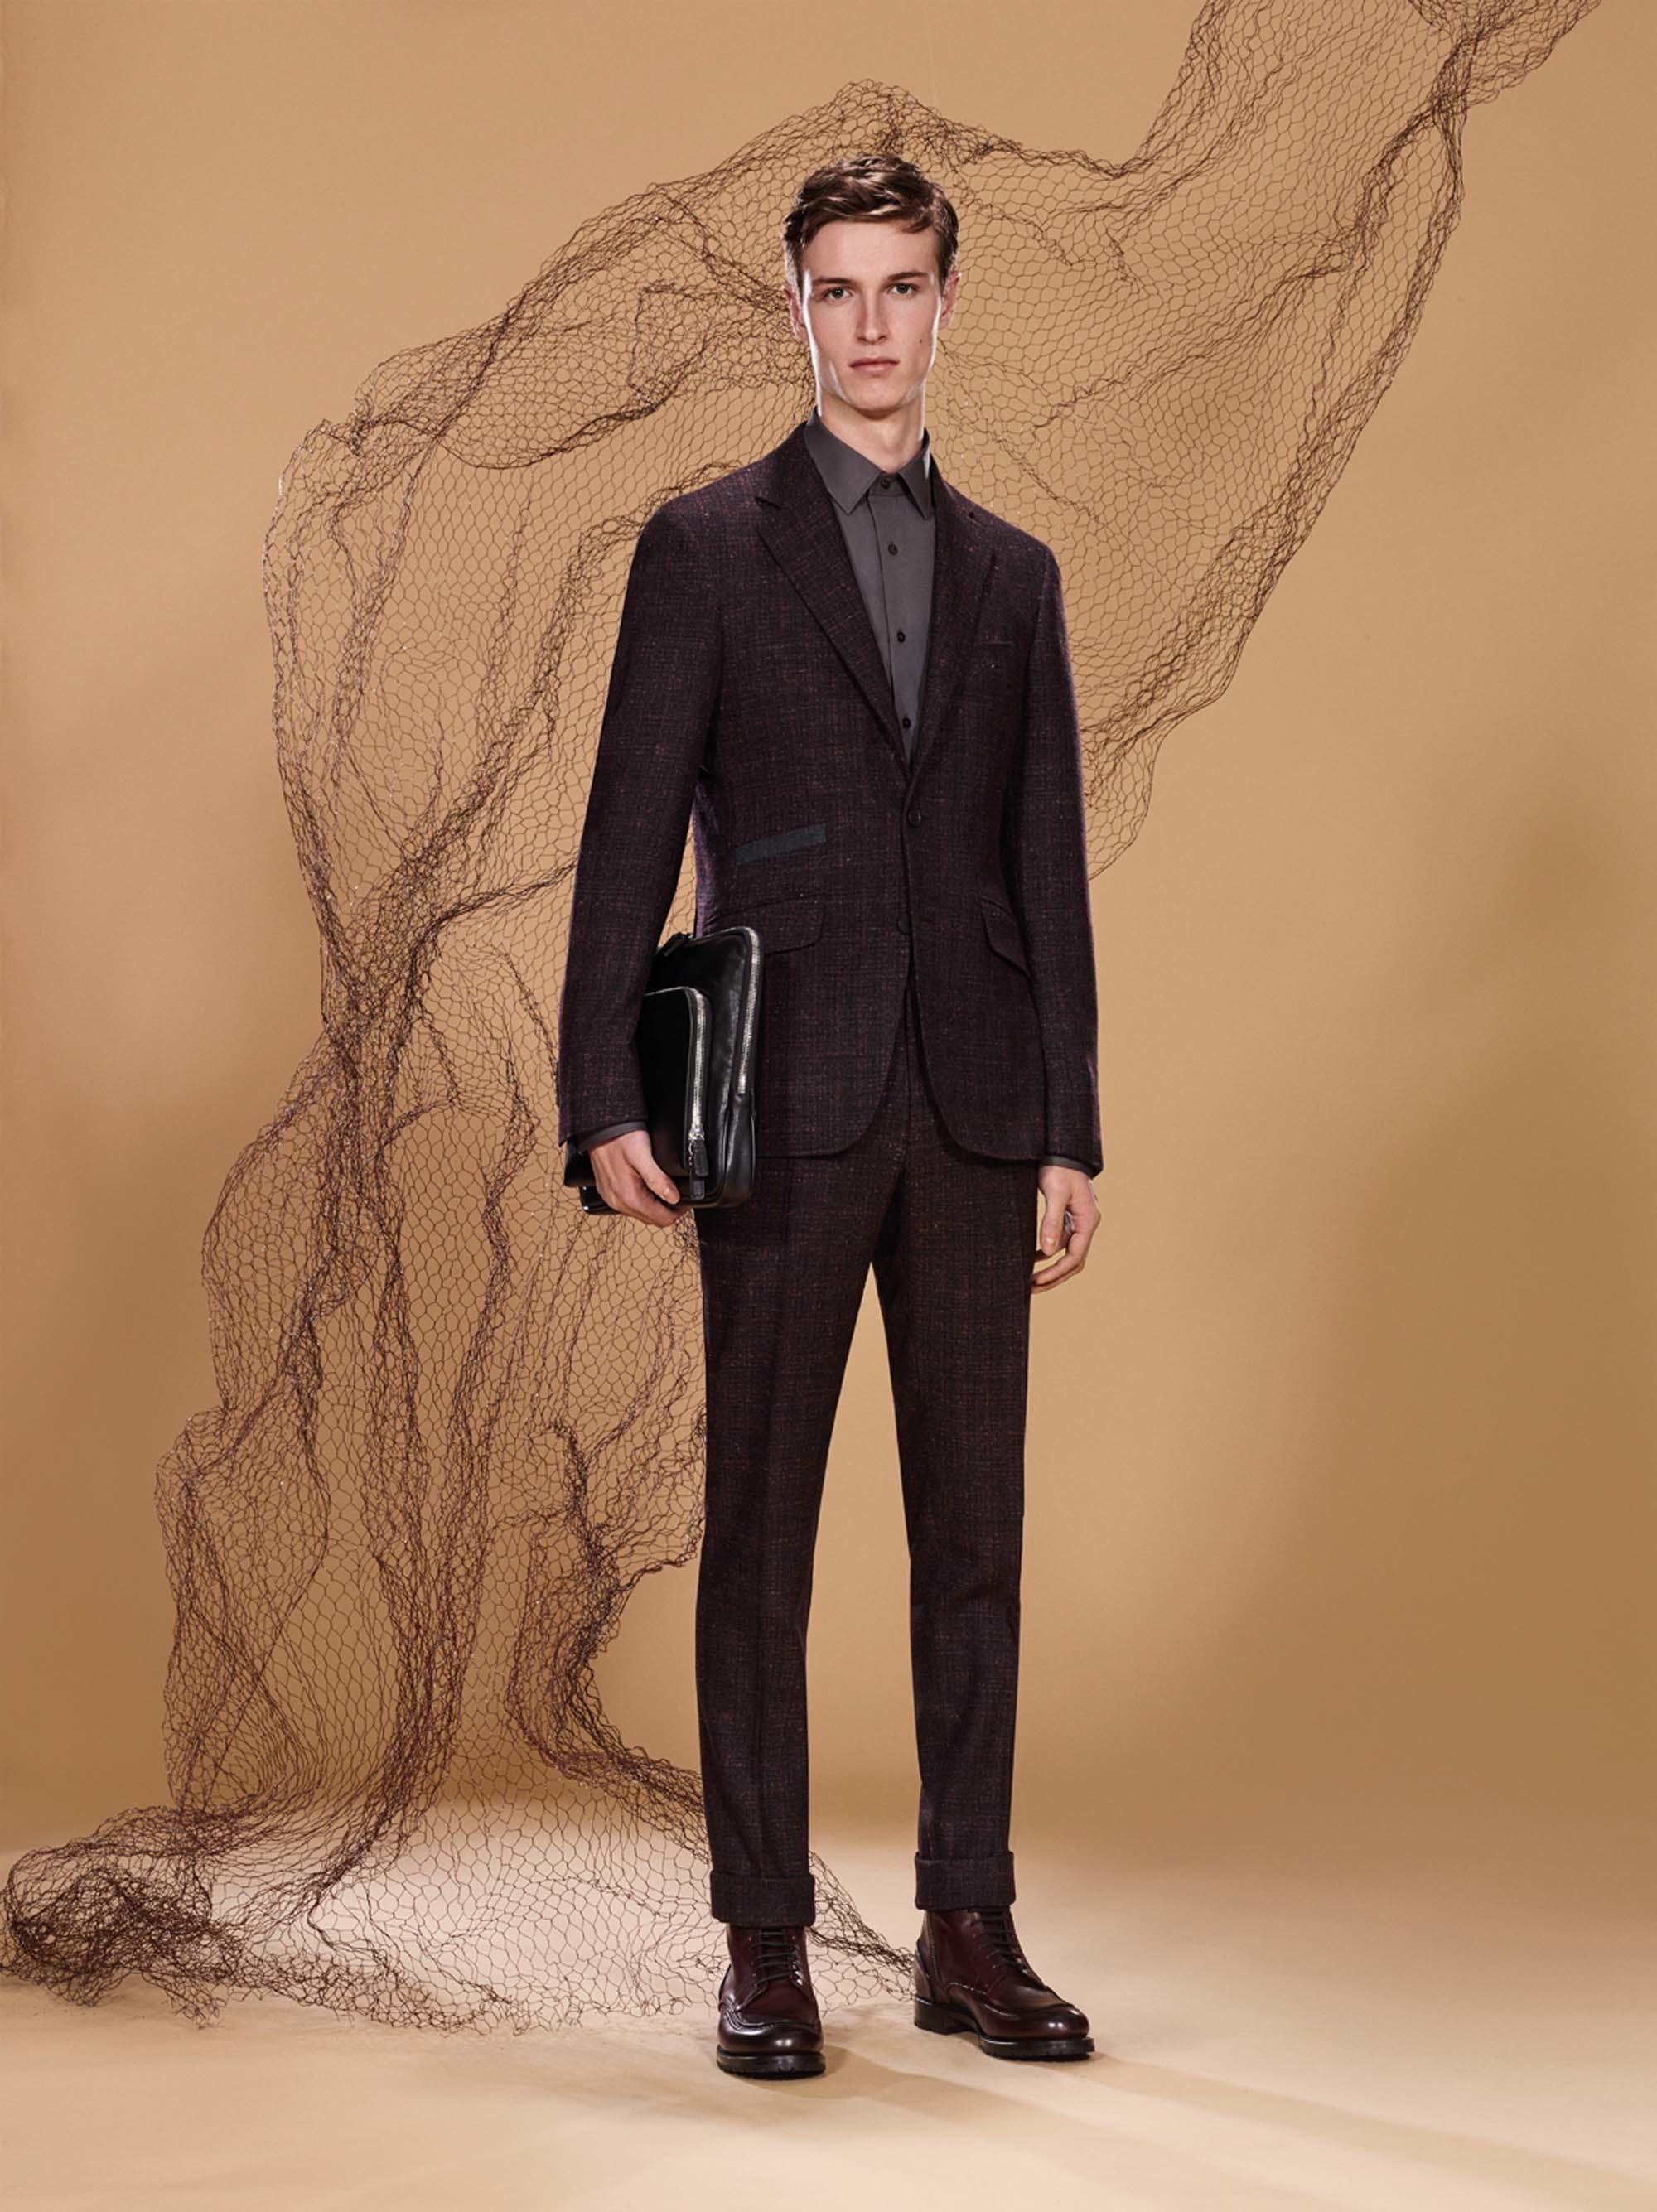 Canali Fall 2017 Menswear